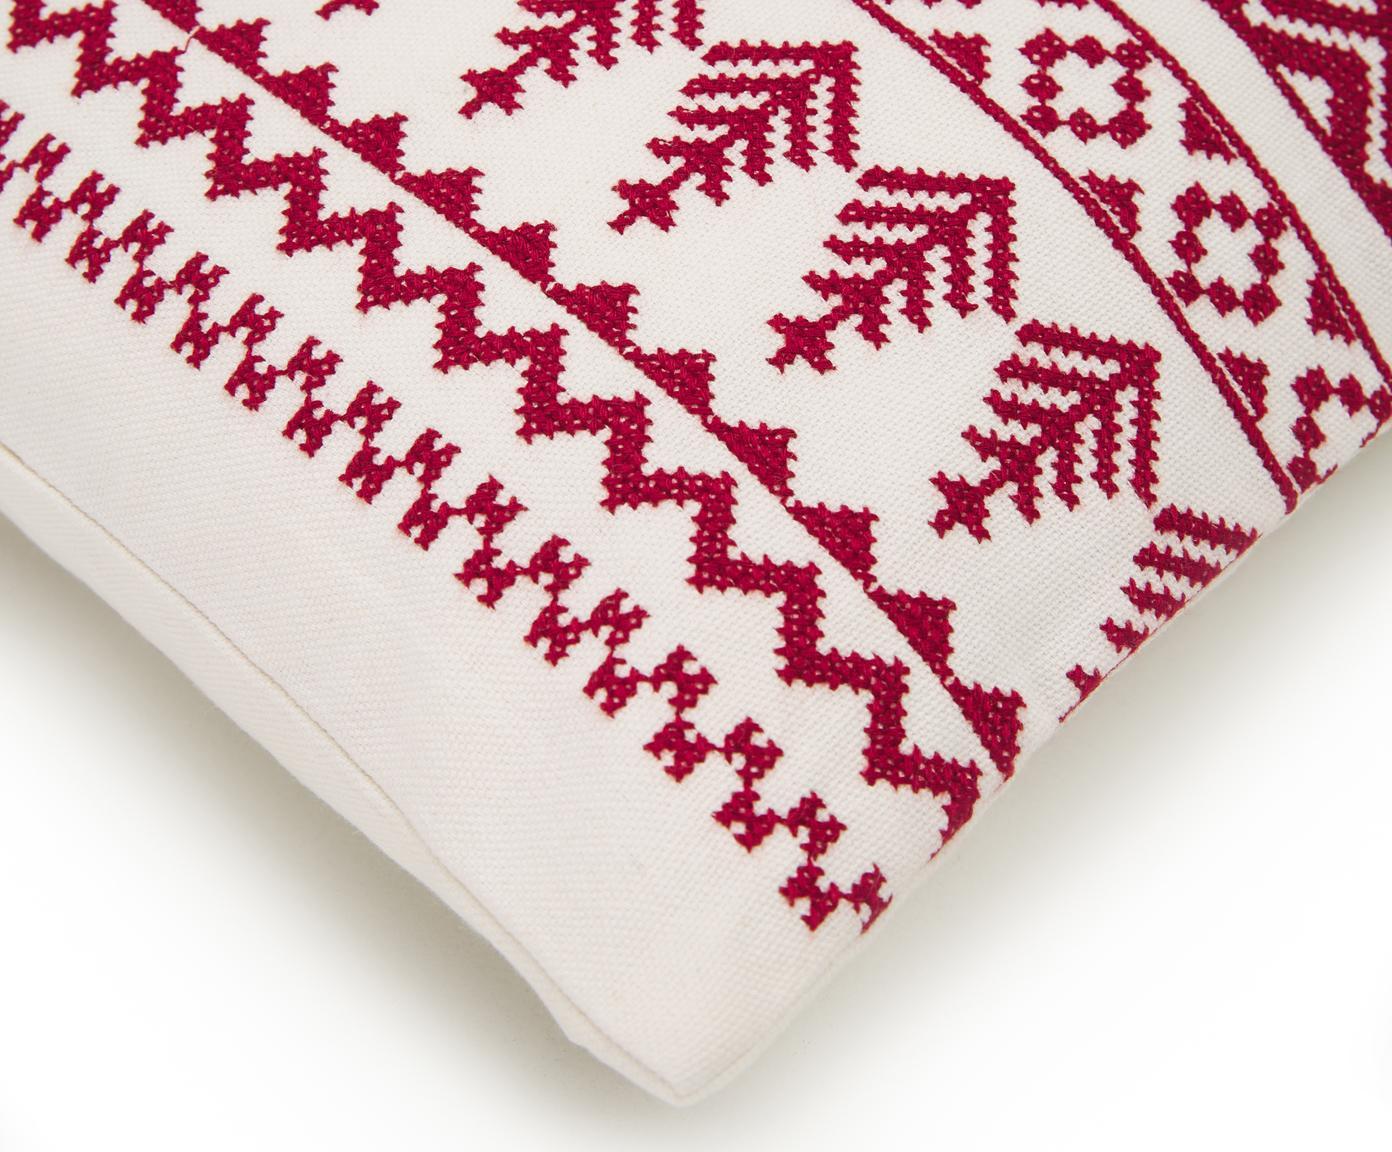 Funda de cojín bordada Islay, 100%algodón, Rojo, blanco crema, An 45 x L 45 cm